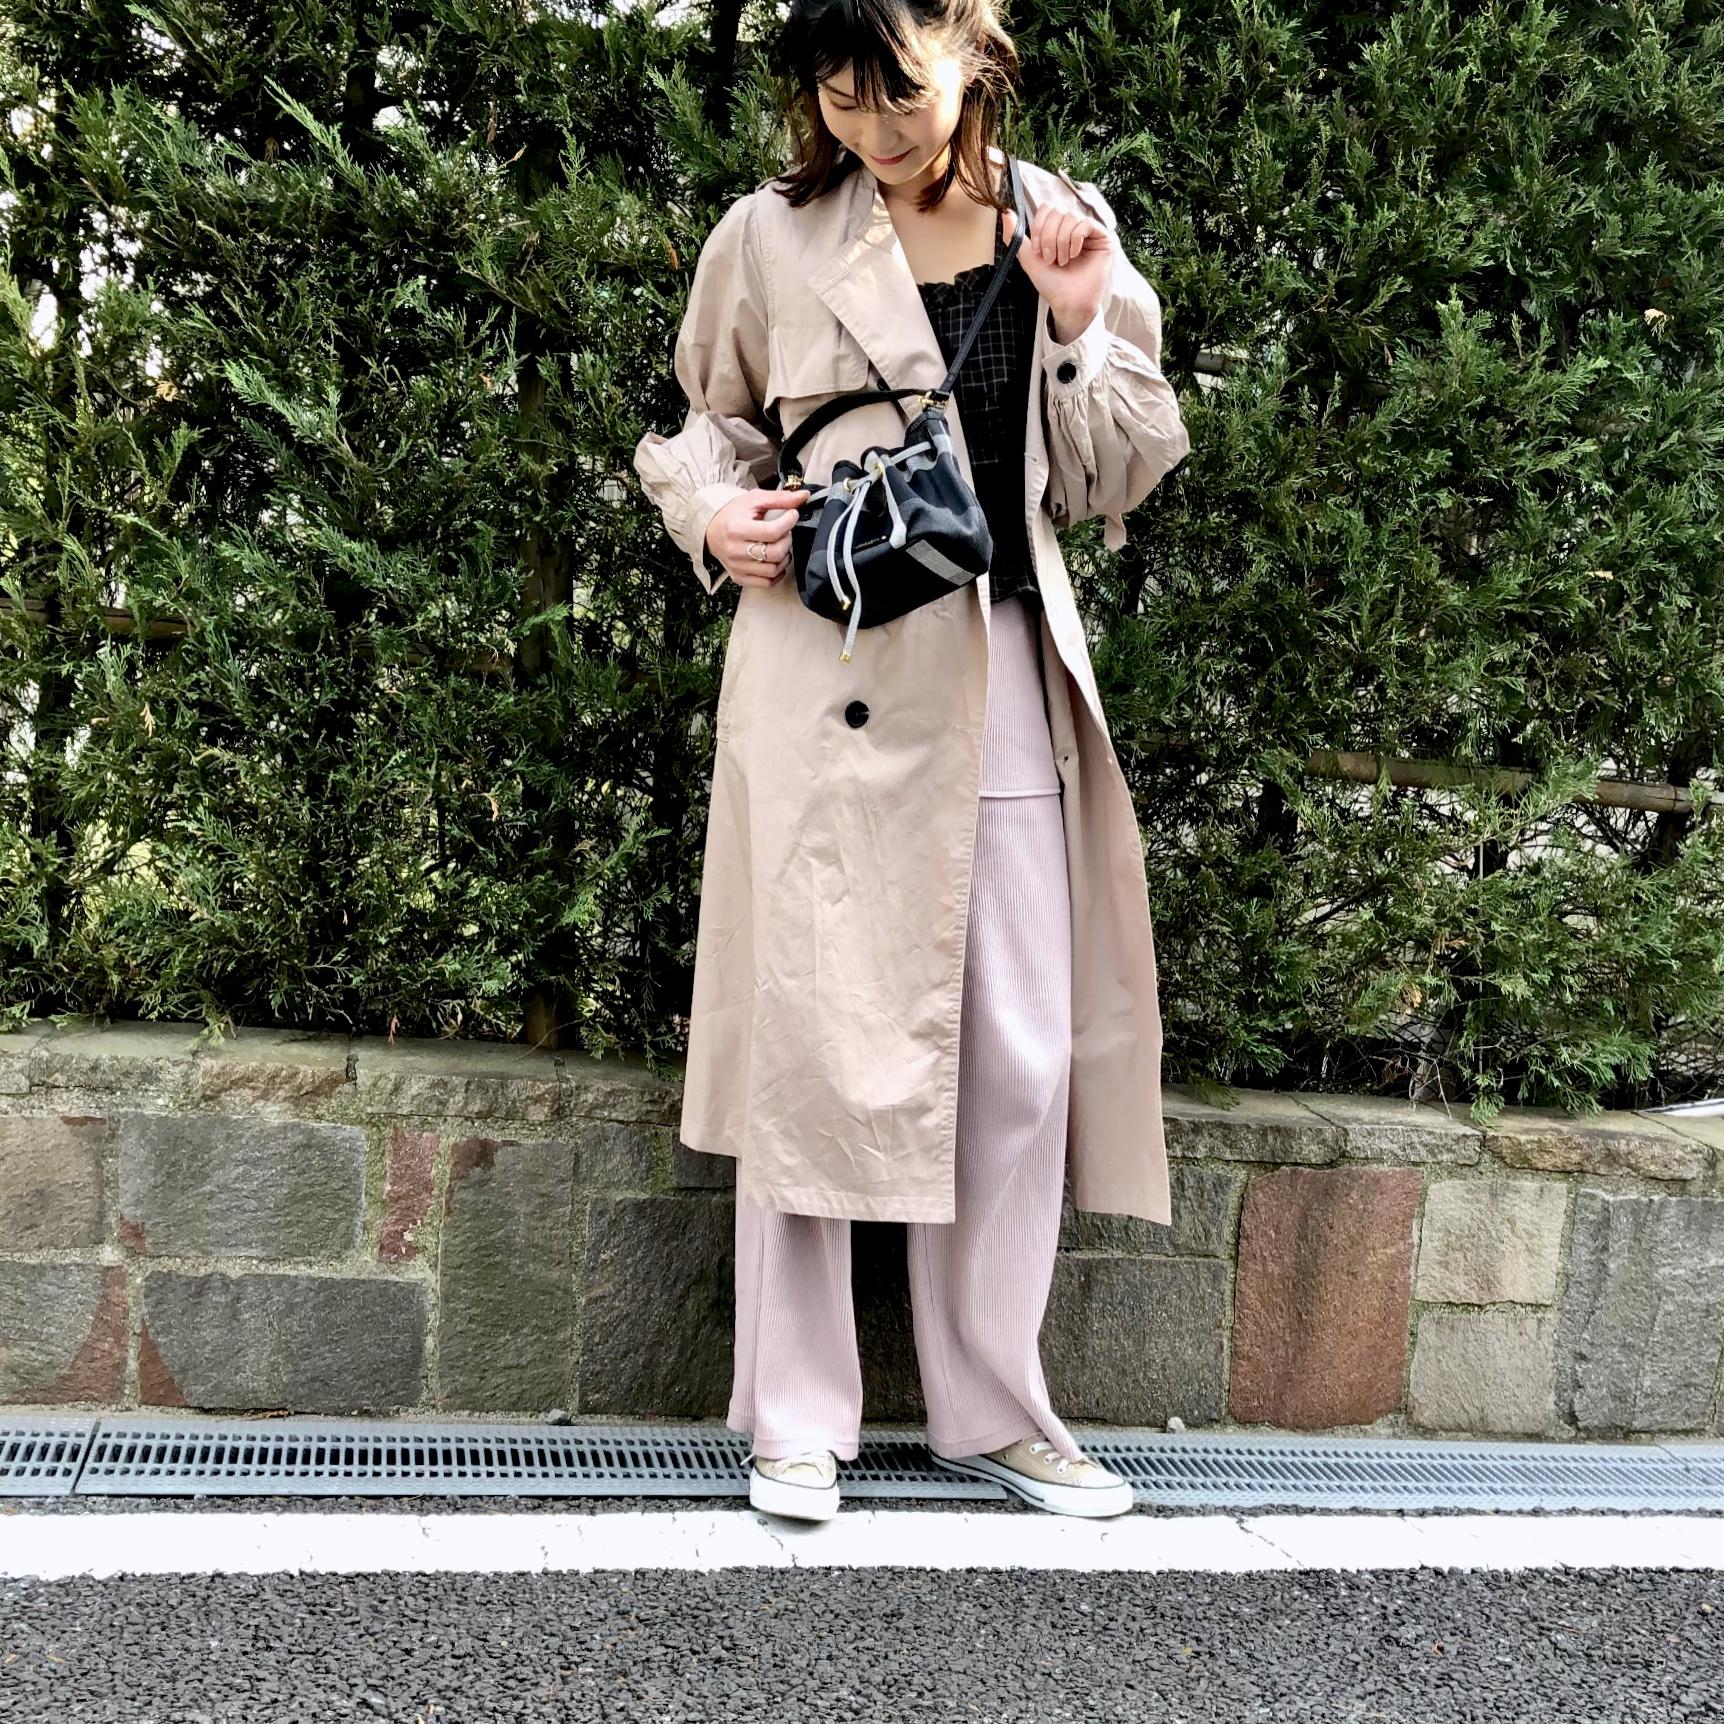 スタイルよく見えるバッグが主役❤️GU人気アイテムでHigh&Lowミックスコーデ!_1